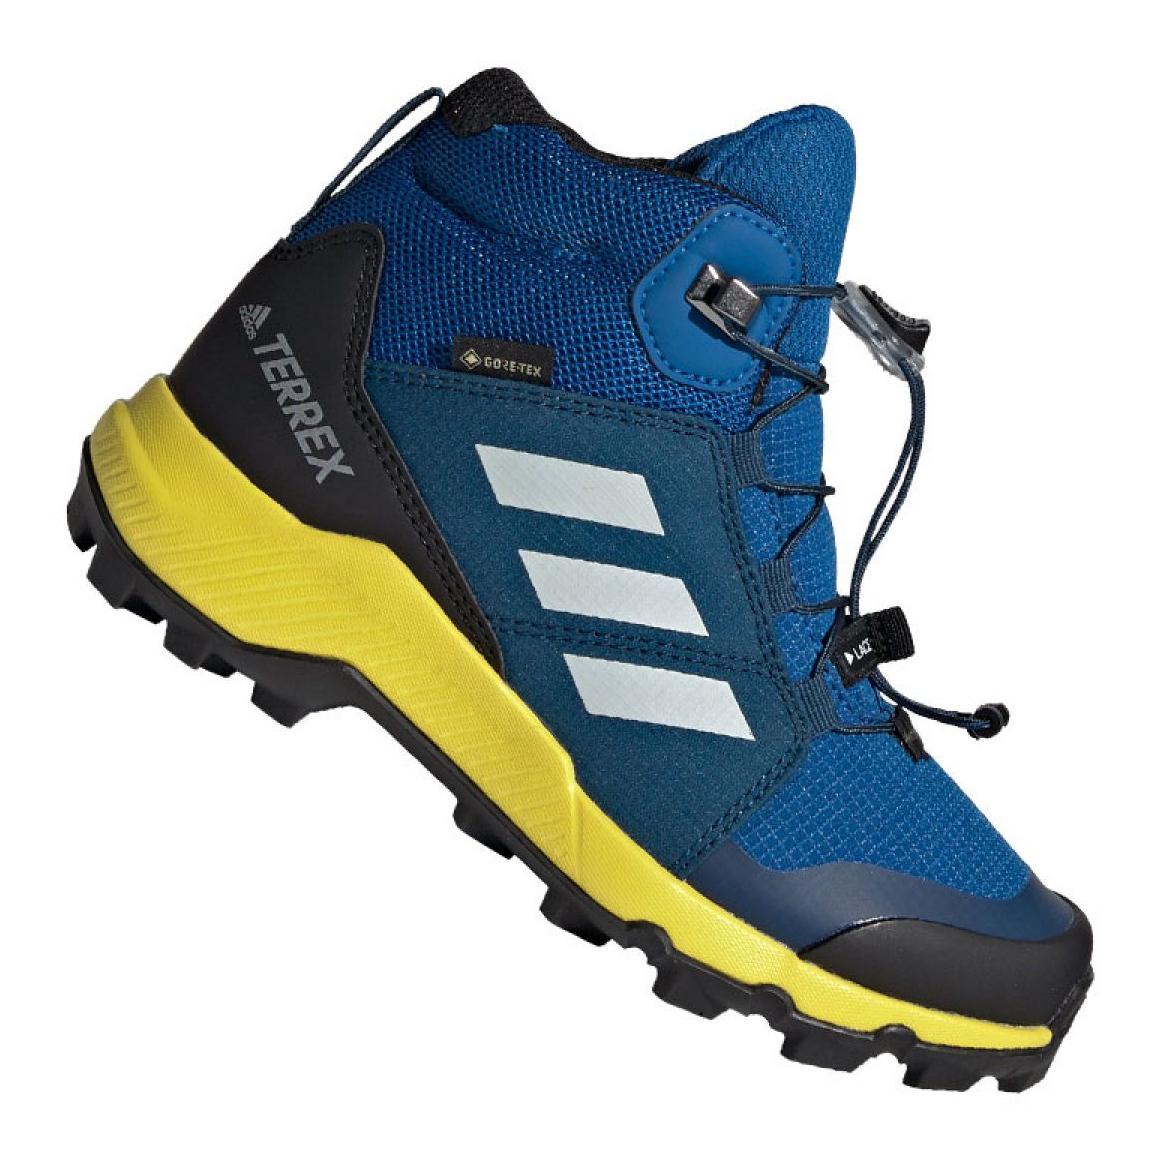 Details about Adidas Terrex Mid Gtx Jr BC0596 shoes